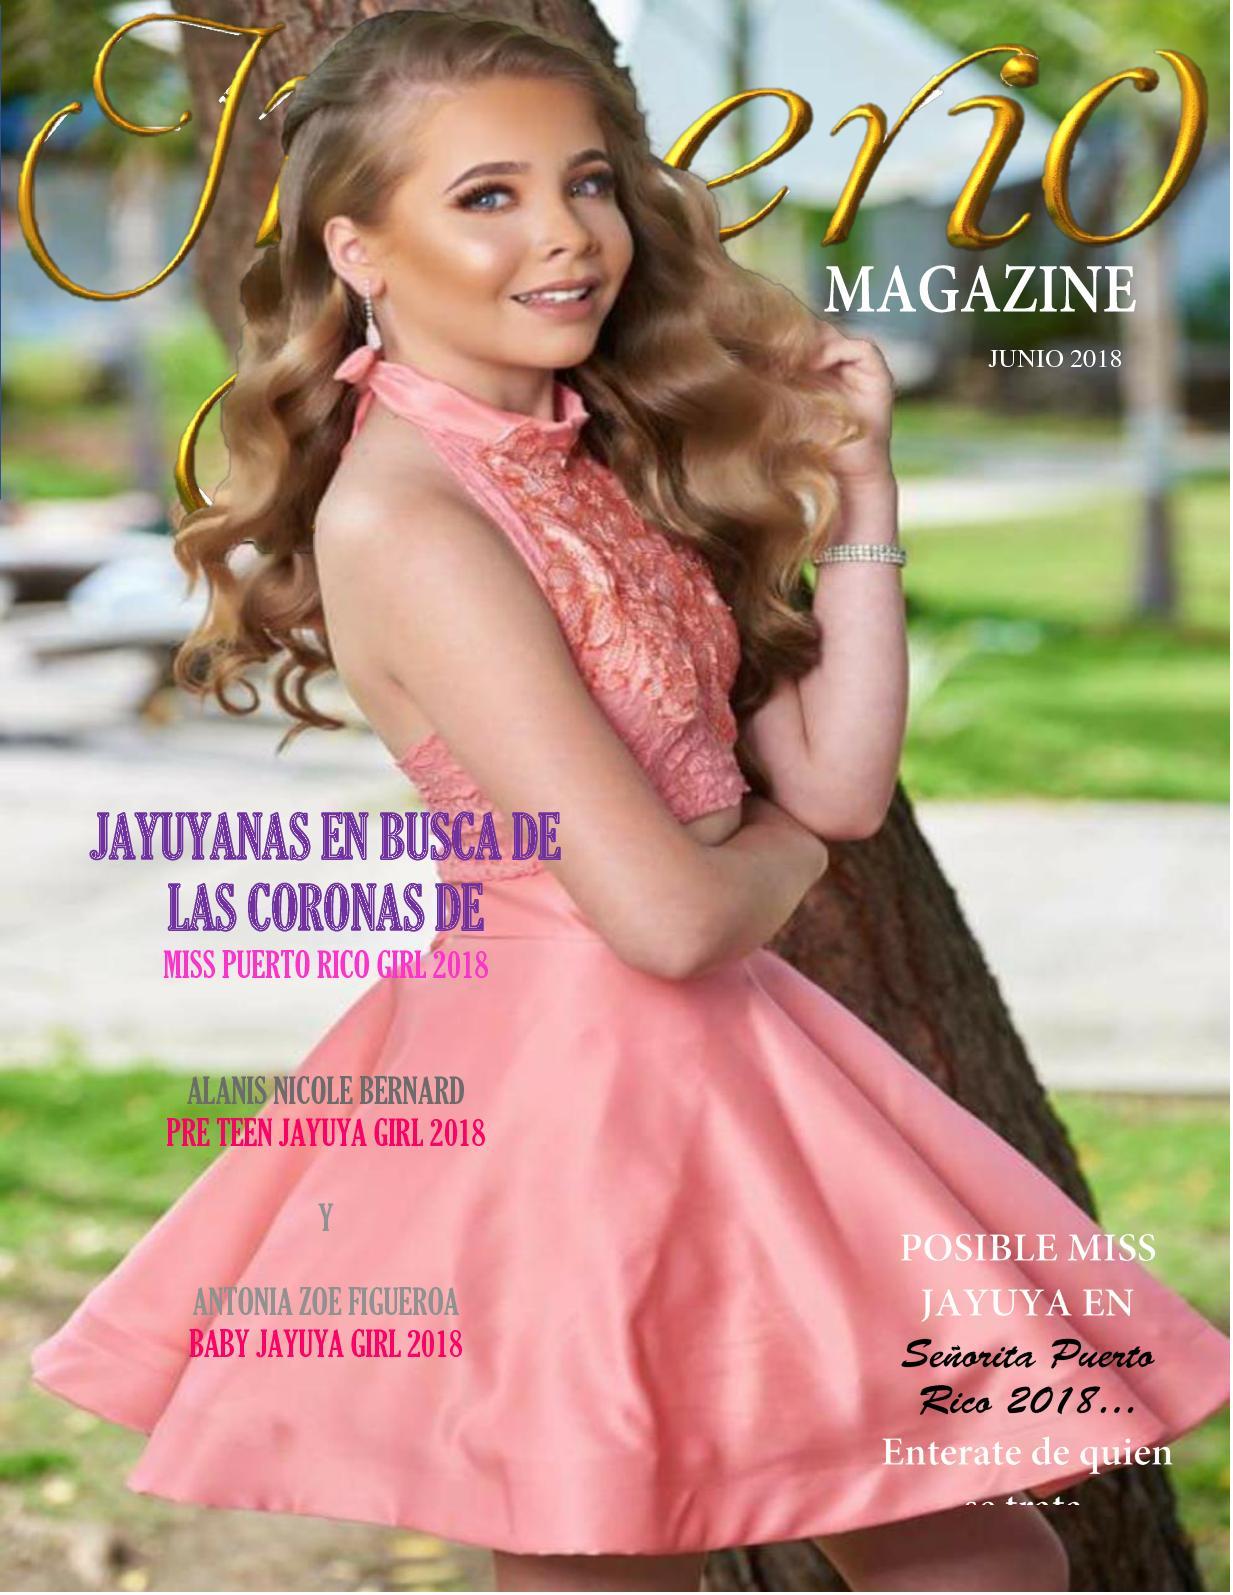 604c46a23 Calaméo - Imperio Magazine Junio 2018